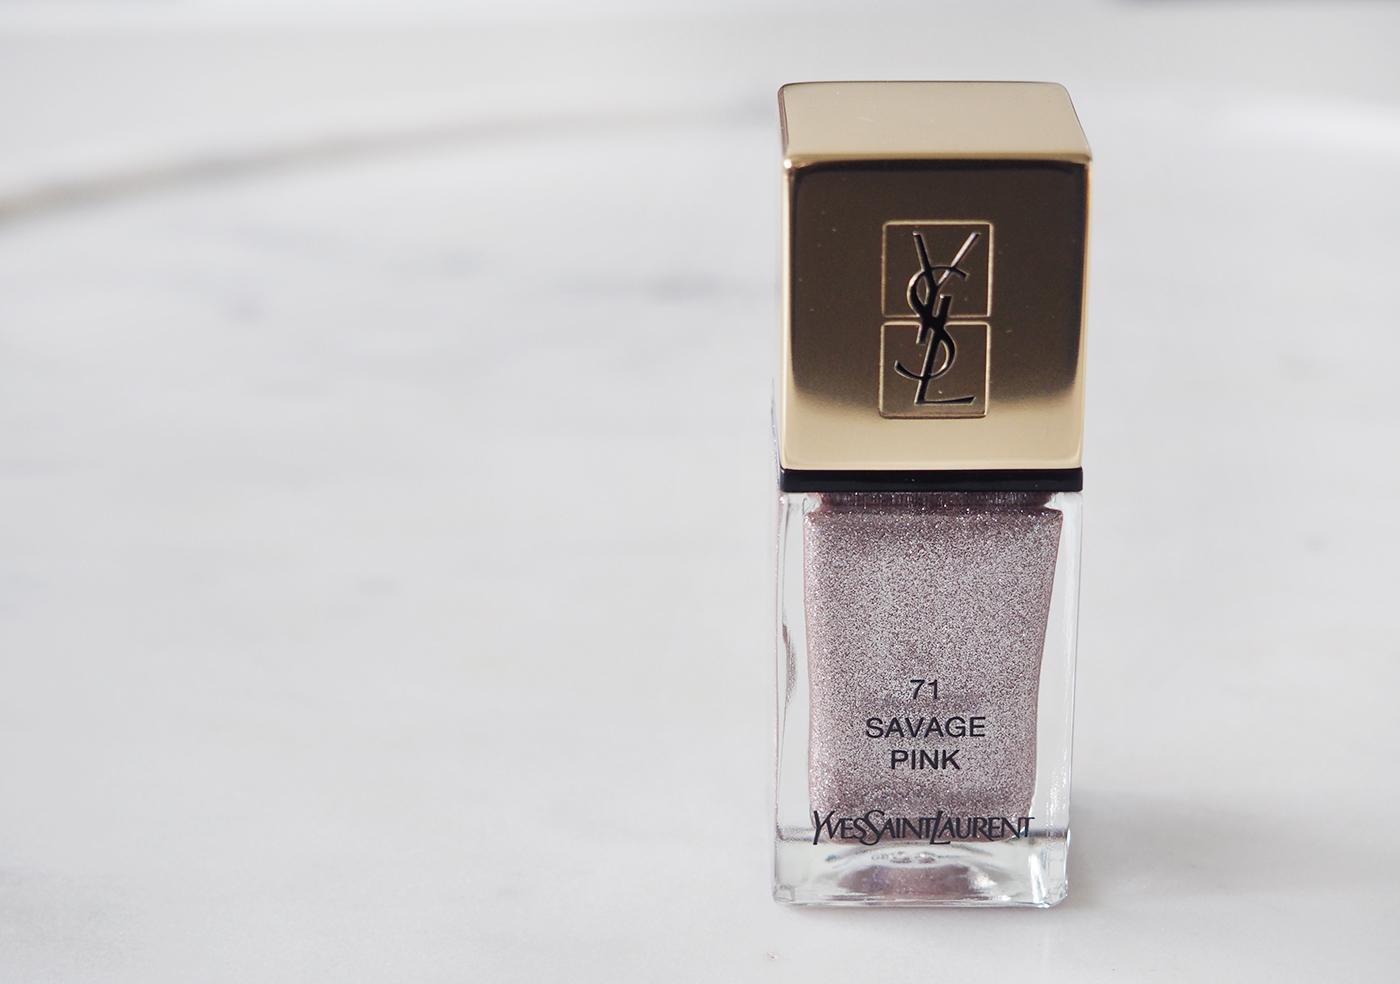 YSL savage pink nagellak